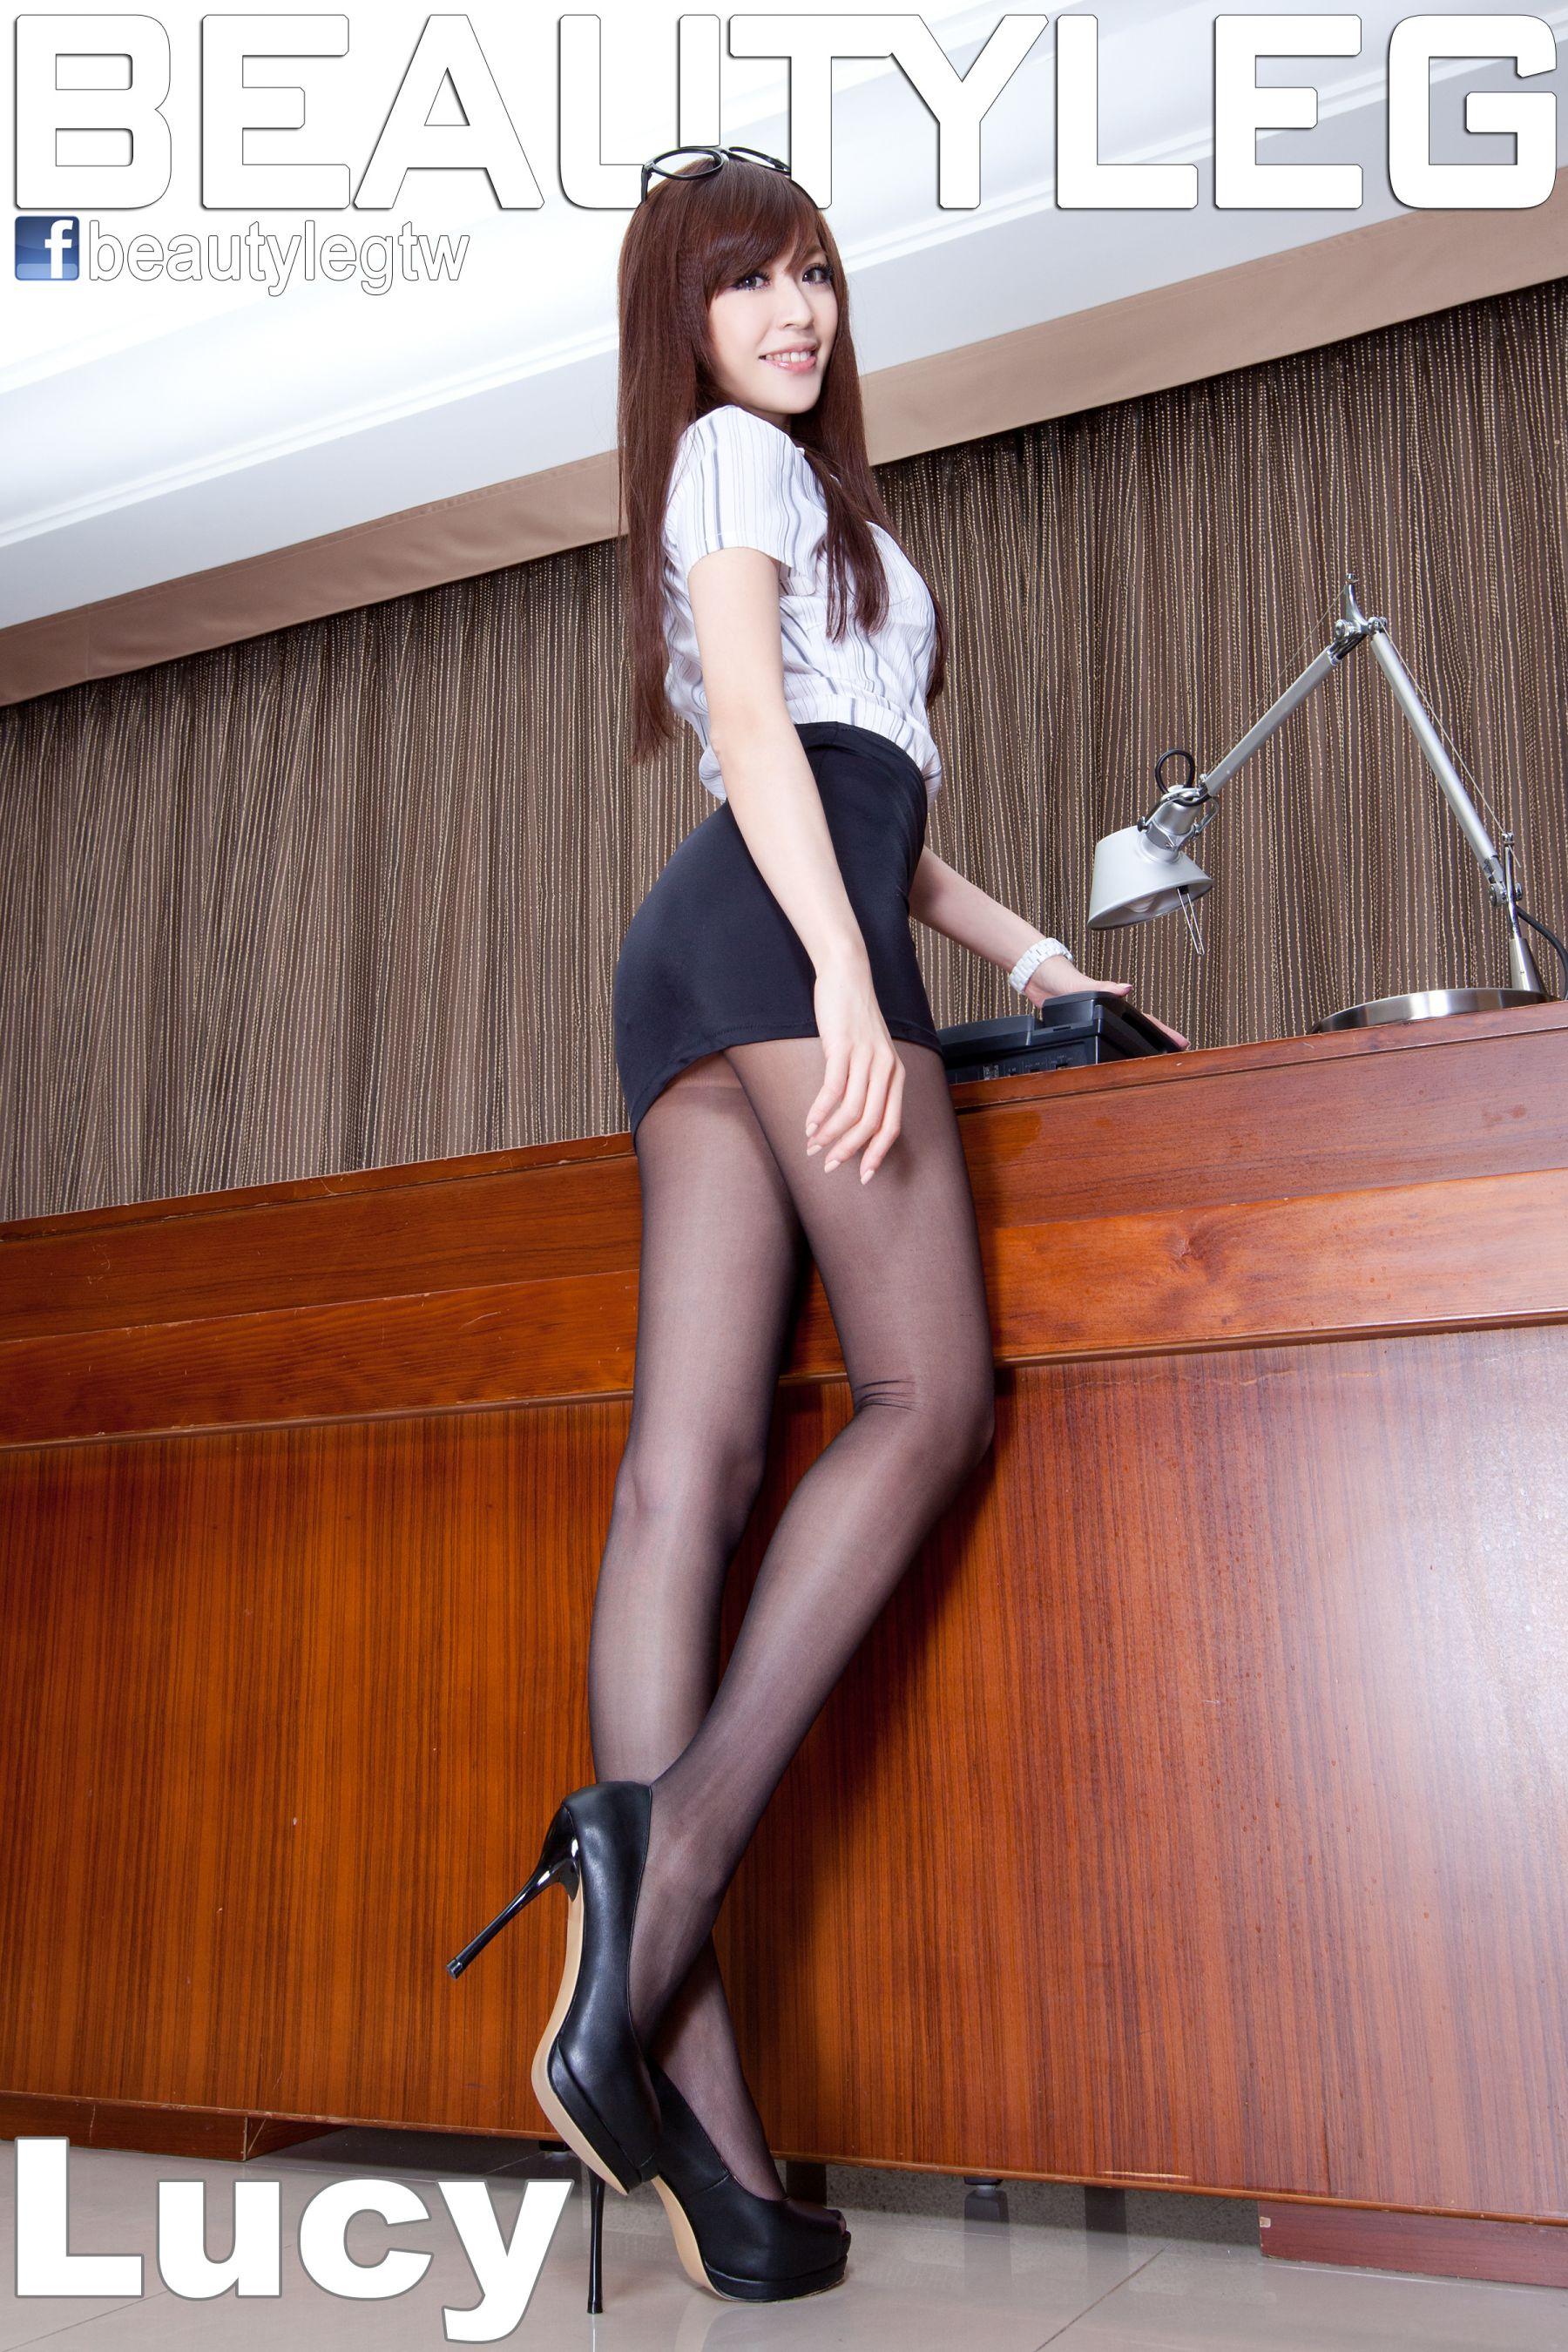 VOL.1389 [Beautyleg]办公室美腿包臀裙美女黑丝制服:倪千凌(腿模Lucy,陈佳筠)高品质写真套图(52P)